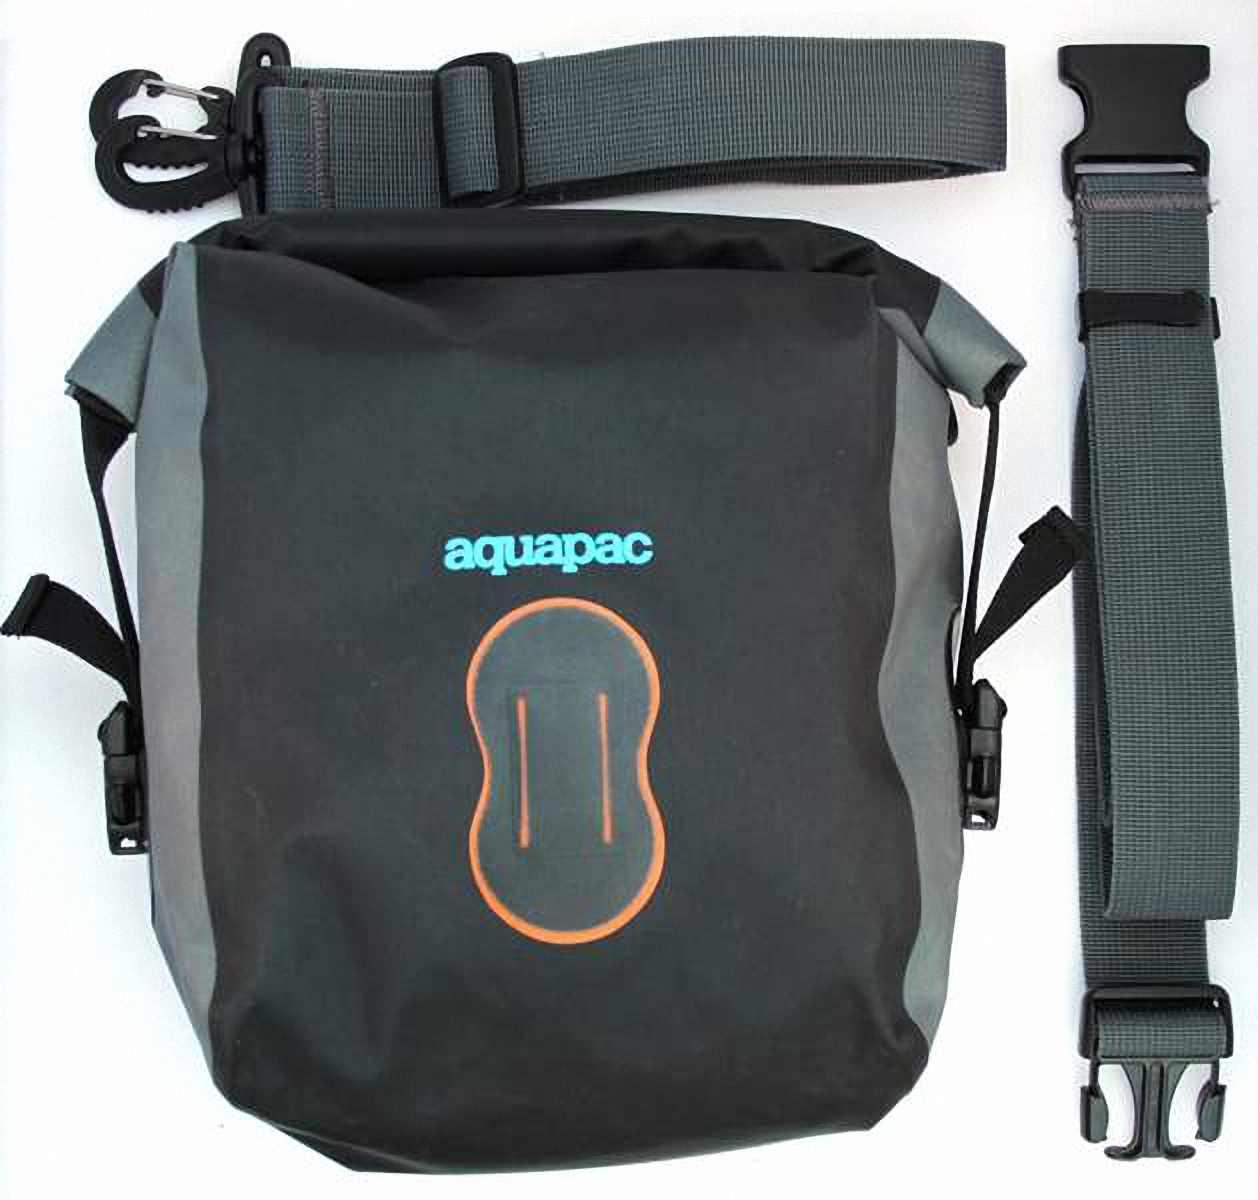 Водонепроницаемый чехол для фотоаппарата - Aquapac 022. Aquapac - №1 в мире водонепроницаемых чехлов и сумок. Фото 1